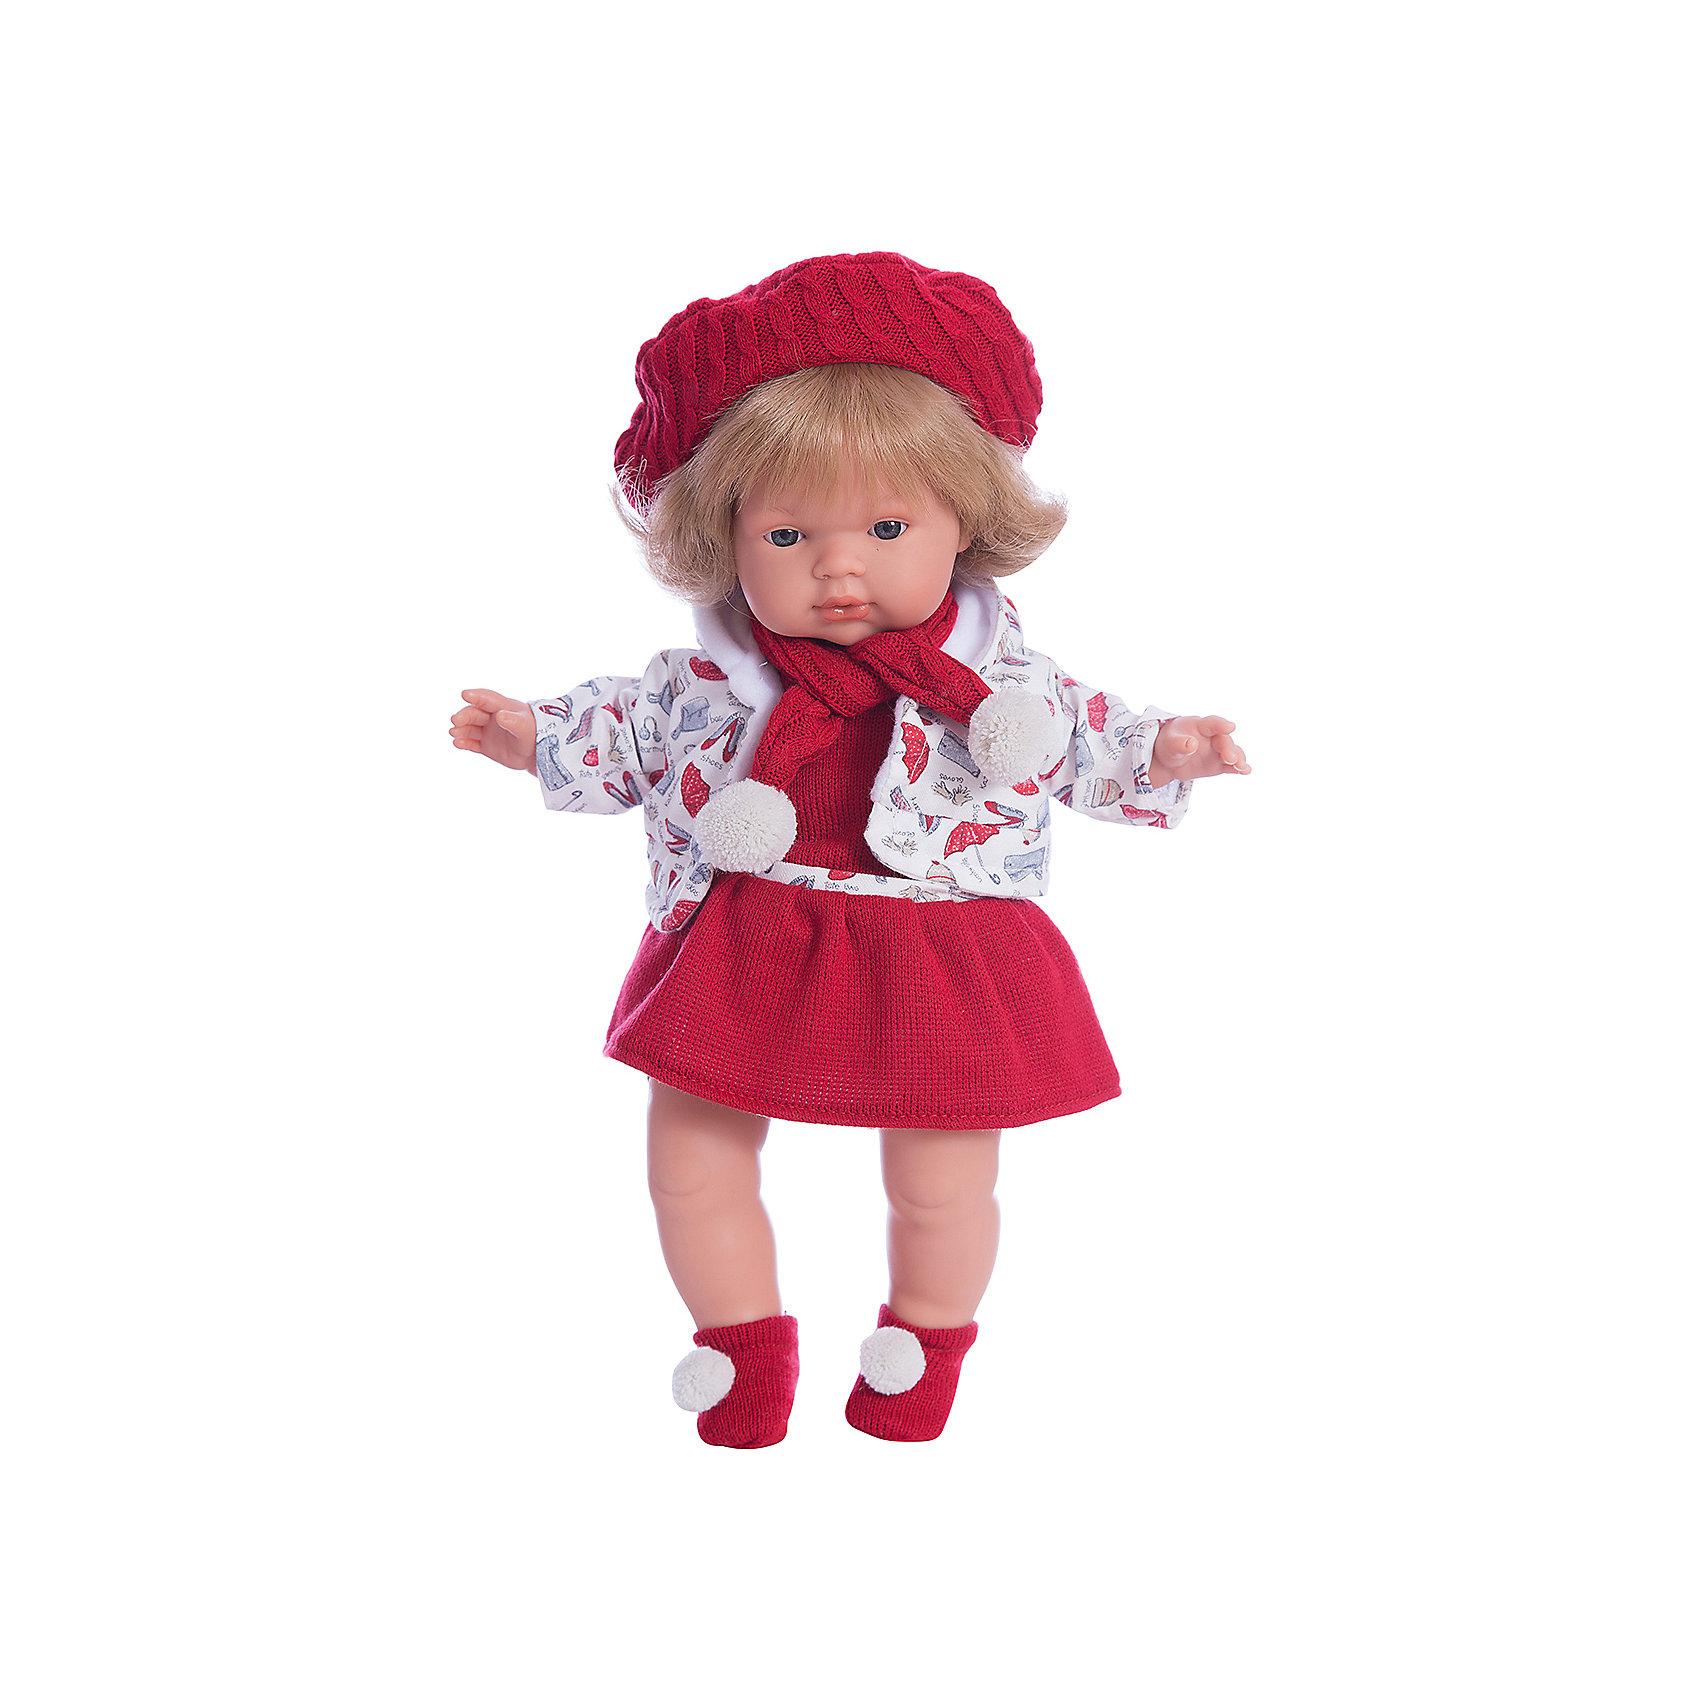 Кукла Клавдия, 38 см, LlorensКлассические куклы<br>Характеристики:<br><br>• Предназначение: для сюжетно-ролевых игр<br>• Тип куклы: мягконабивная<br>• Пол куклы: девочка <br>• Цвет волос: светло-русый<br>• Материал: поливинилхлорид, пластик, нейлон, текстиль<br>• Цвет: красный, белый<br>• Высота куклы: 38 см<br>• Комплектация: кукла, платье, кофточка, носочки, берет, шарф, пустышка с держателем<br>• Звуковые эффекты: плачет, произносит мама и папа<br>• Батарейки: з шт. типа AG13/LR44 (предусмотрены в комплекте)<br>• Вес: 1 кг 050 г<br>• Размеры упаковки (Д*В*Ш): 23*45*12 см<br>• Упаковка: подарочная картонная коробка <br>• Особенности ухода: допускается деликатная стирка без использования красящих и отбеливающих средств предметов одежды куклы<br><br>Кукла Клавдия 38 см – кукла, производителем которого является всемирно известный испанский кукольный бренд Llorens. Куклы этой торговой марки имеют свою неповторимую внешность и целую линейку образов как пупсов, так и кукол-малышей. Игрушки выполнены из сочетания поливинилхлорида и пластика, что позволяет с высокой долей достоверности воссоздать физиологические и мимические особенности маленьких детей. При изготовлении кукол Llorens используются только сертифицированные материалы, безопасные и не вызывающие аллергических реакций. Волосы у кукол отличаются густотой, шелковистостью и блеском, при расчесывании они не выпадают и не ломаются.<br>Кукла Клавдия 38 см выполнена в образе малышки: голубые глаза и волосы средней длины делают образ куклы необычайно очаровательным. В комплект одежды Клавдии входит теплое яркое платьице, теплая кофточка с капюшоном, носочки с помпончиками. Стильный образ Клавдии дополняет объемный вязаный берет и шарф. Кукла умеет плакать, а также говорить мама и папа. Чтобы малышка не плакала, у нее имеется соска с цепочкой-держателем. <br>Кукла Клавдия 38 см – это идеальный вариант для подарка к различным праздникам и торжествам.<br><br>Куклу Клавдию 38 см можно купить в нашем интернет-магазине.<br>